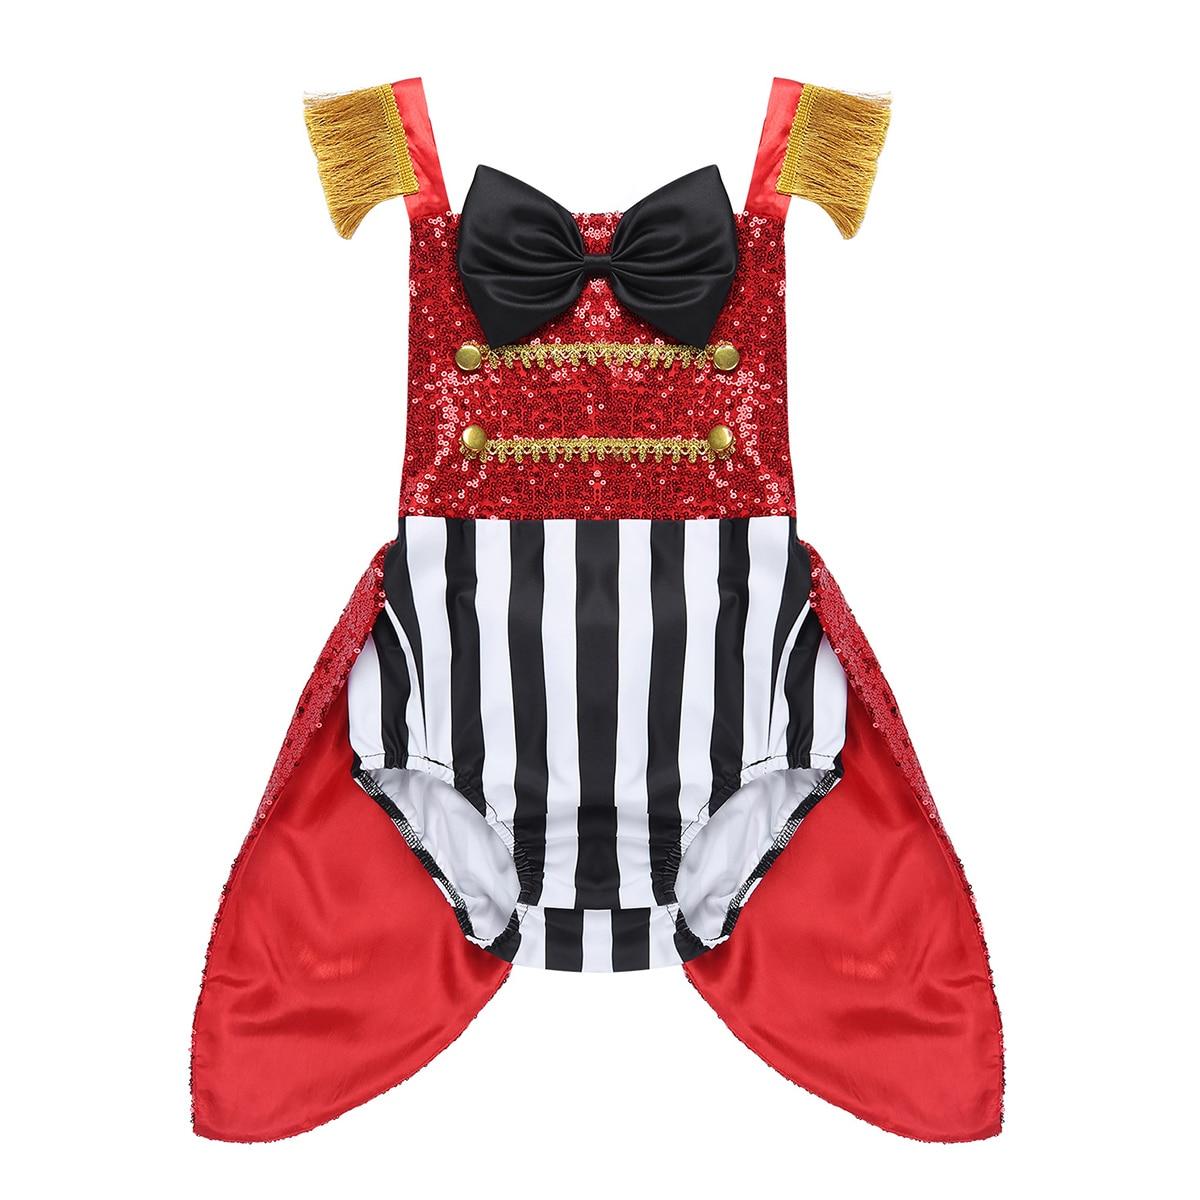 Женский комбинезон в полоску с блестками и бантом, вечерние костюмы для косплея на Хэллоуин